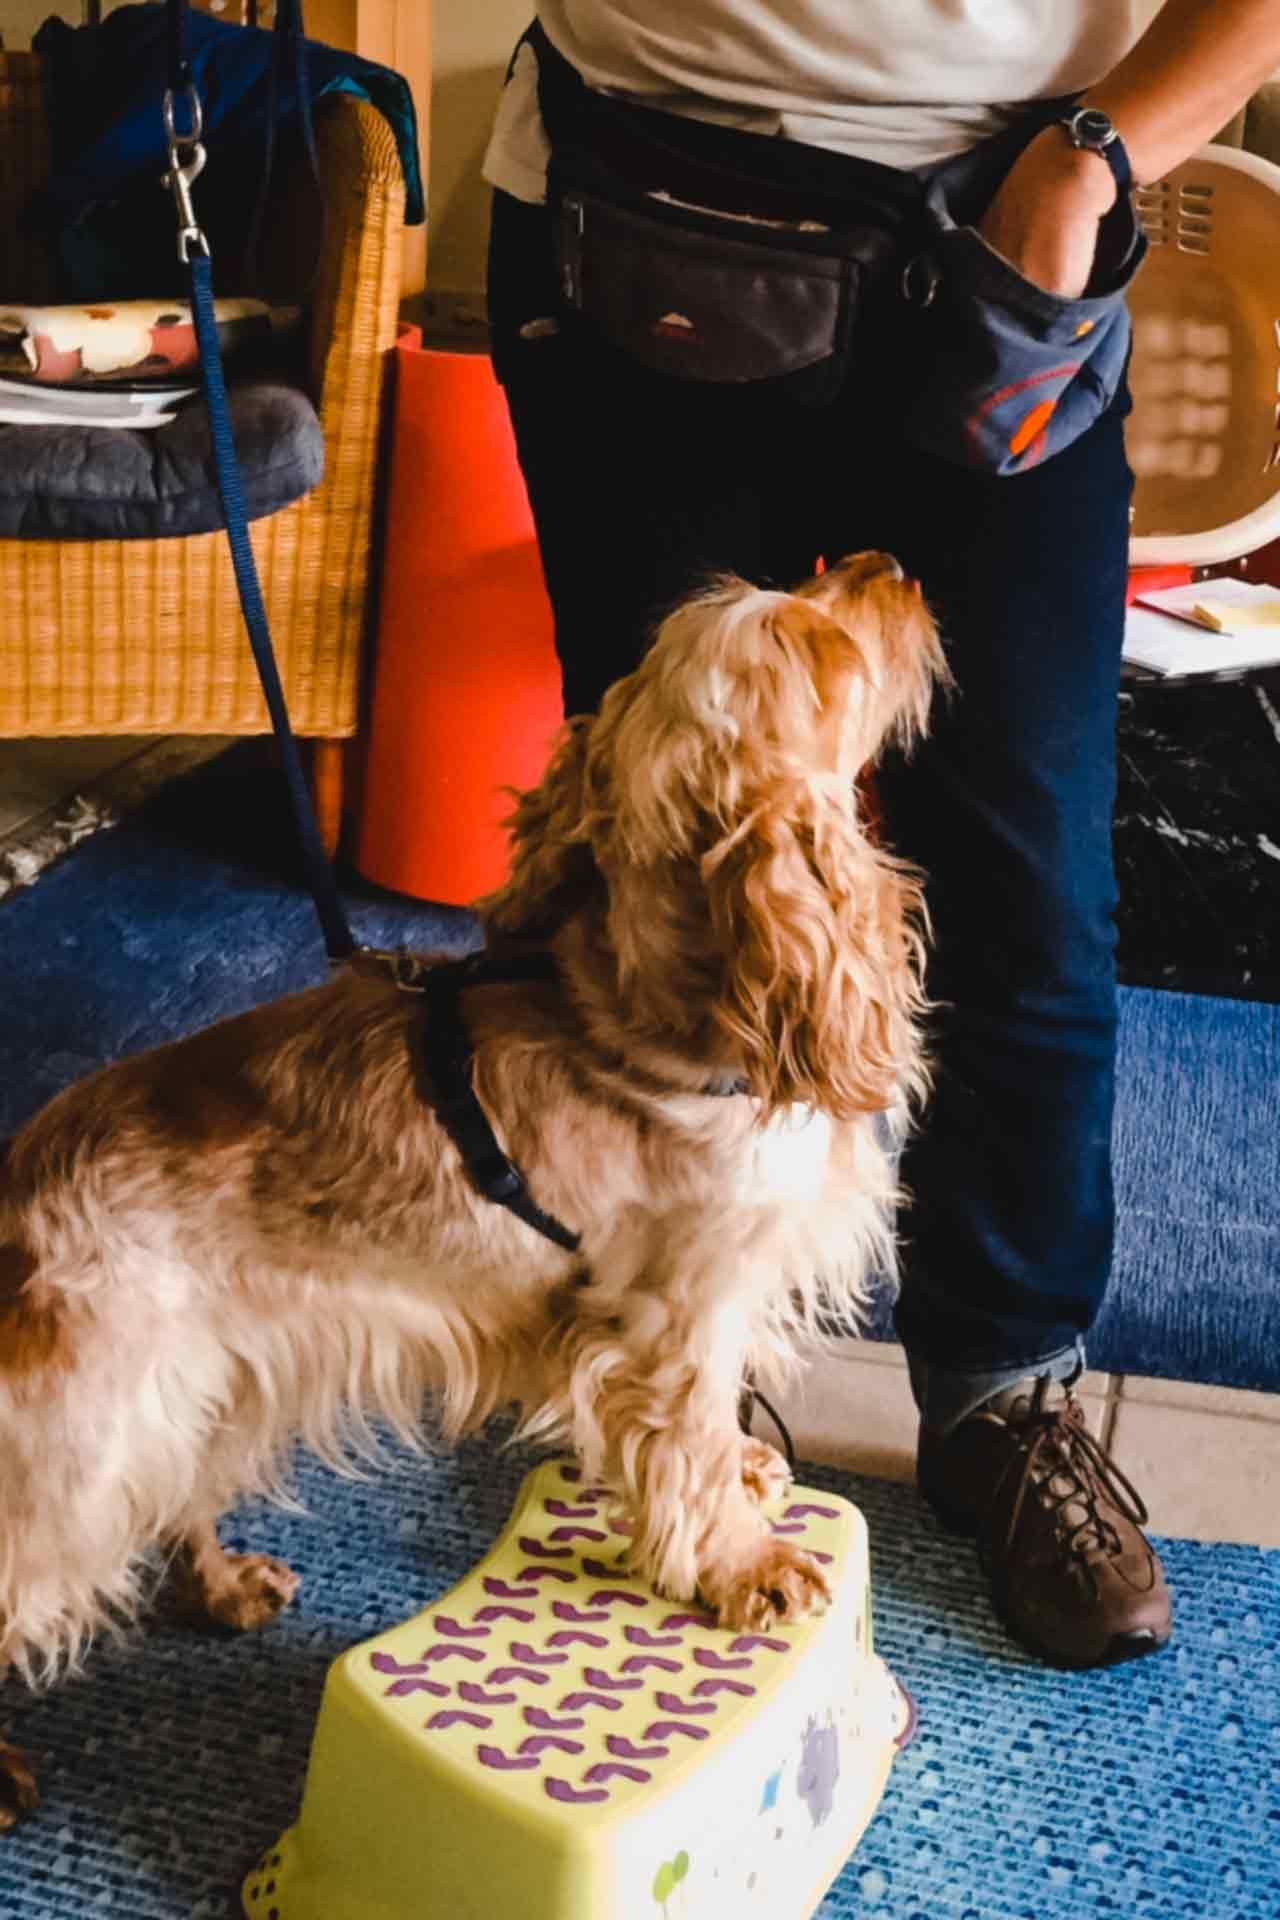 hundpunkt_hundeschule_muenster-ibbenbueren-kurs-trickklick-12